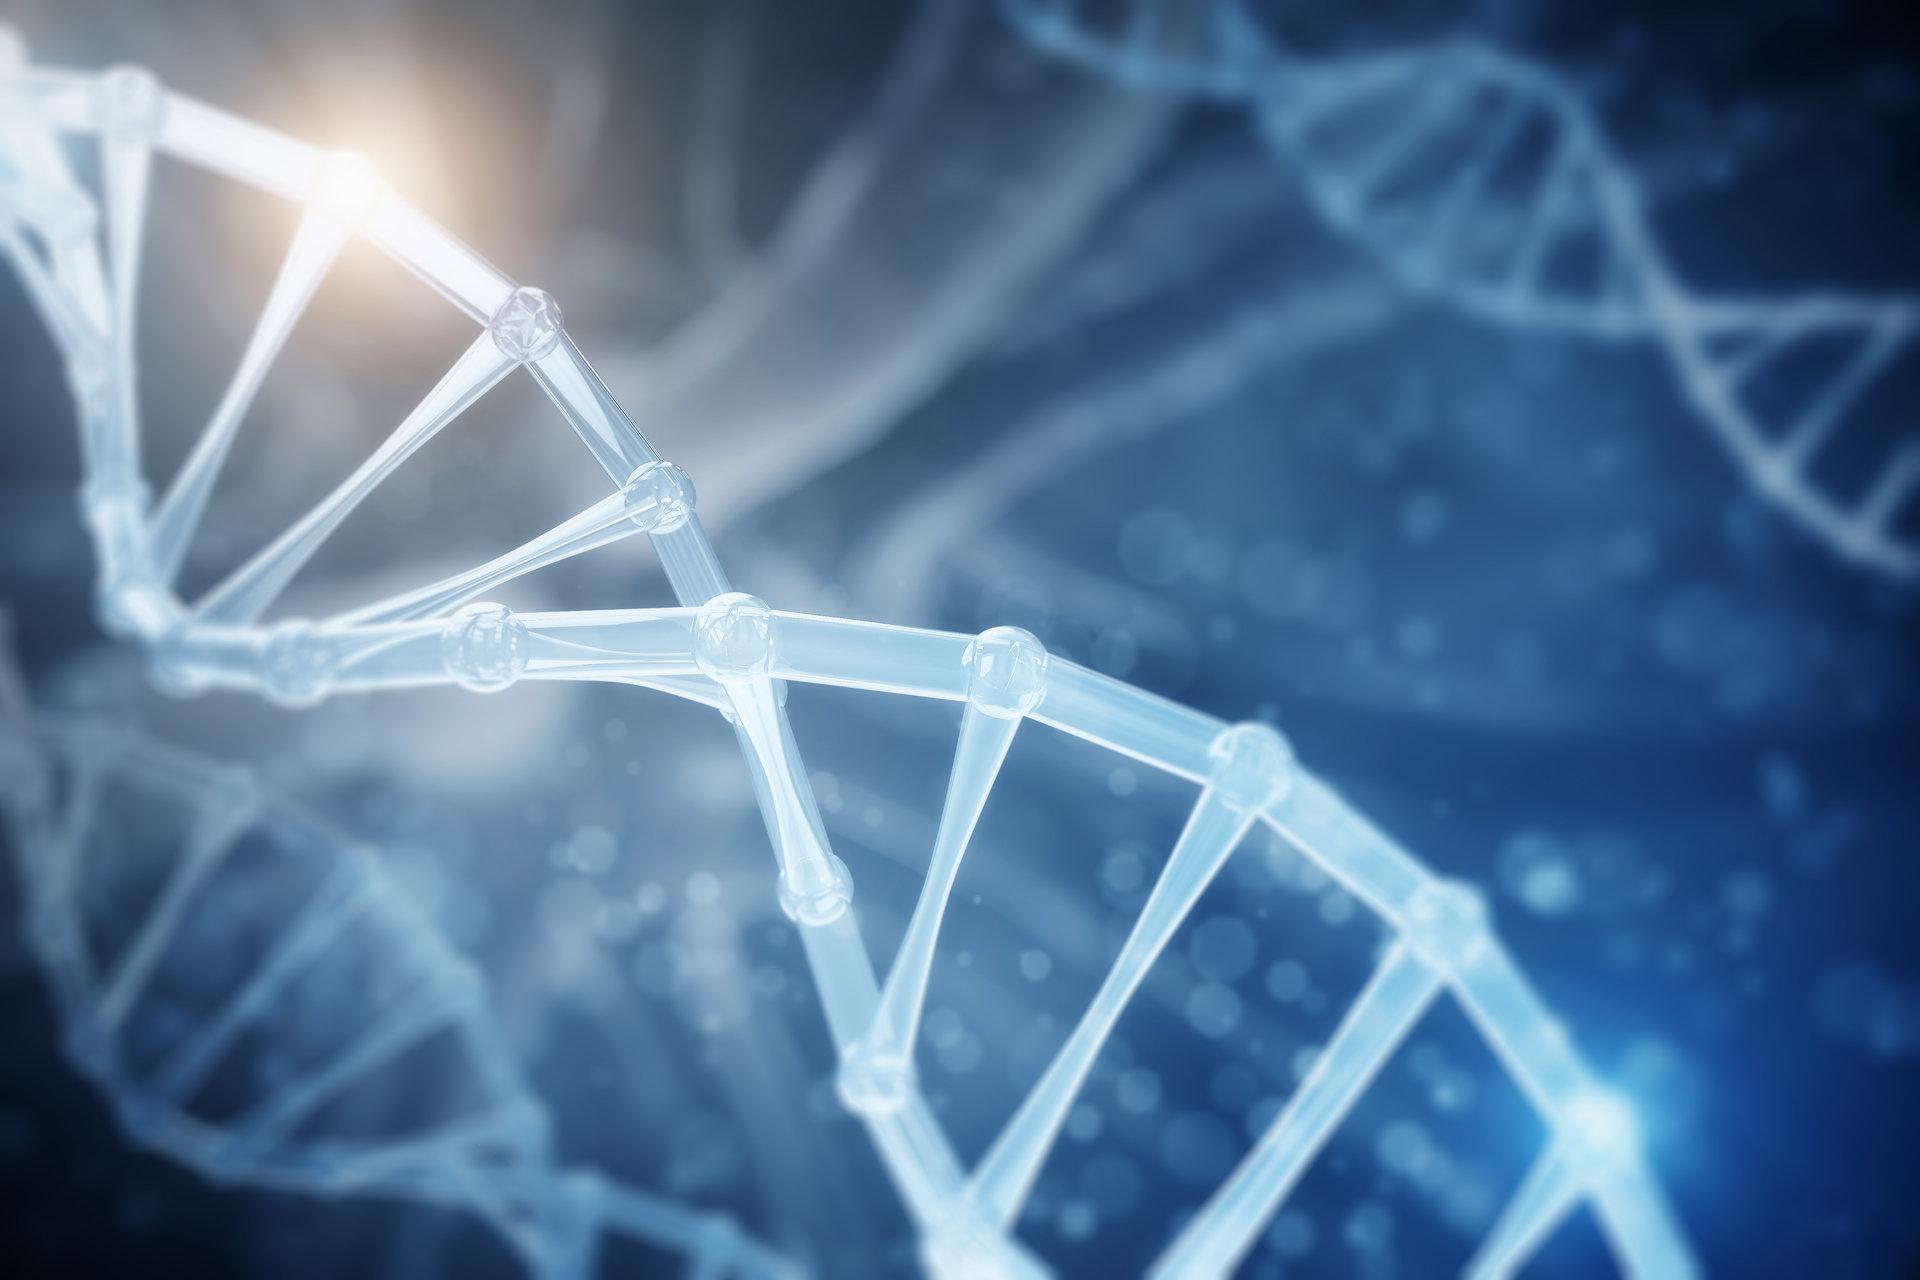 Testy genetyczne zamiast diety cud. Coraz częściej pomagają w walce ze zbędnymi kilogramami